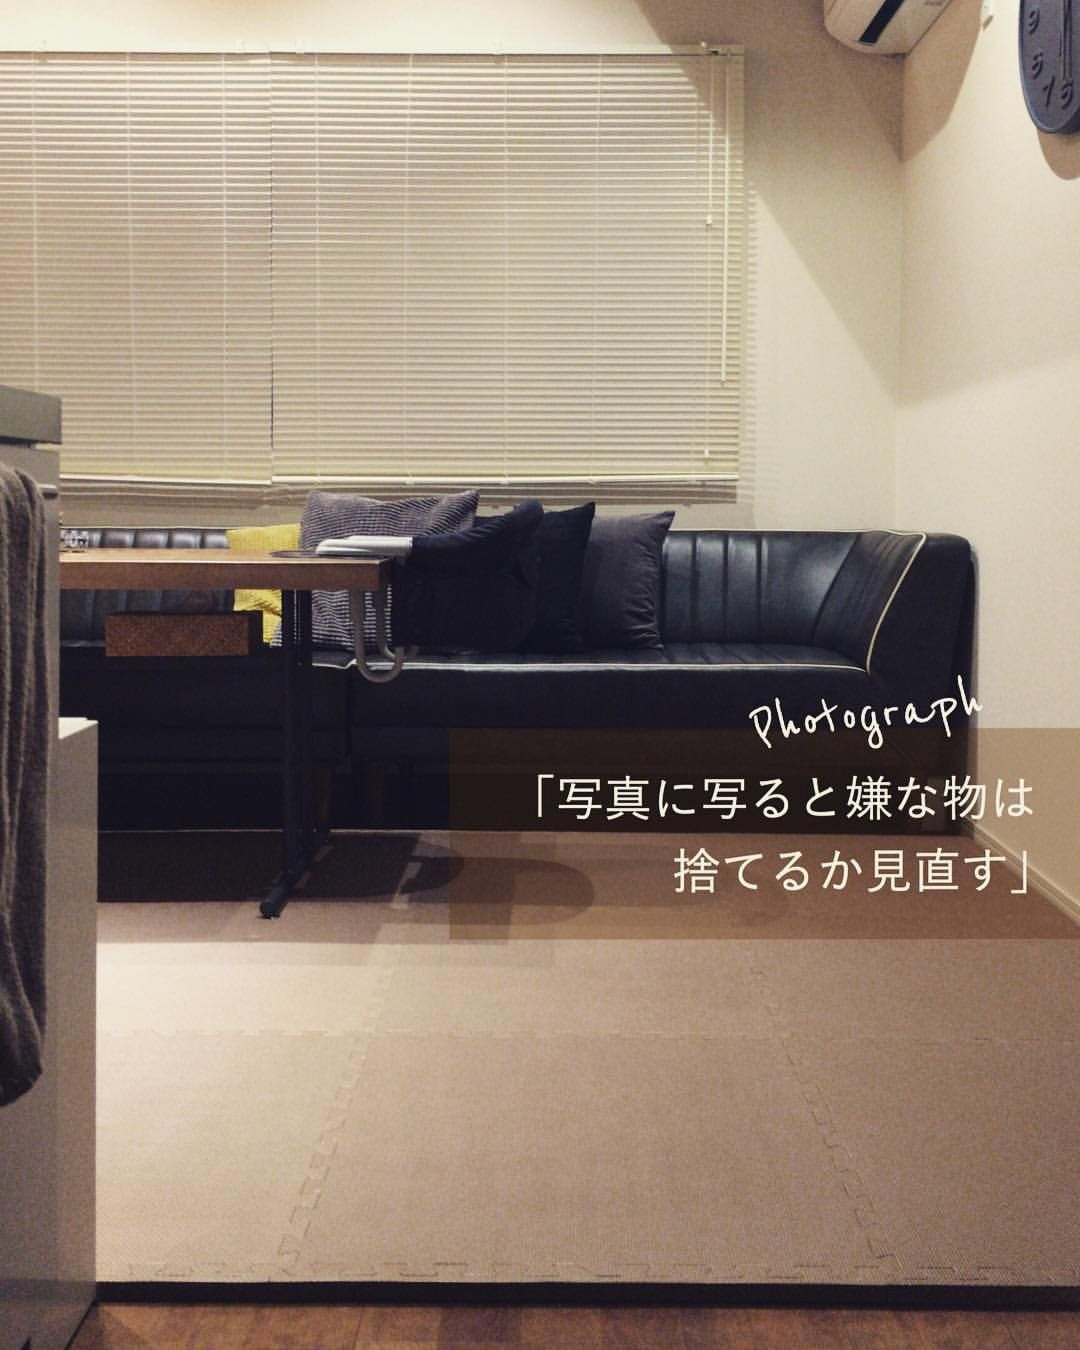 ゆりさん Yur 3 Instagram写真と動画 画像あり 断舎離